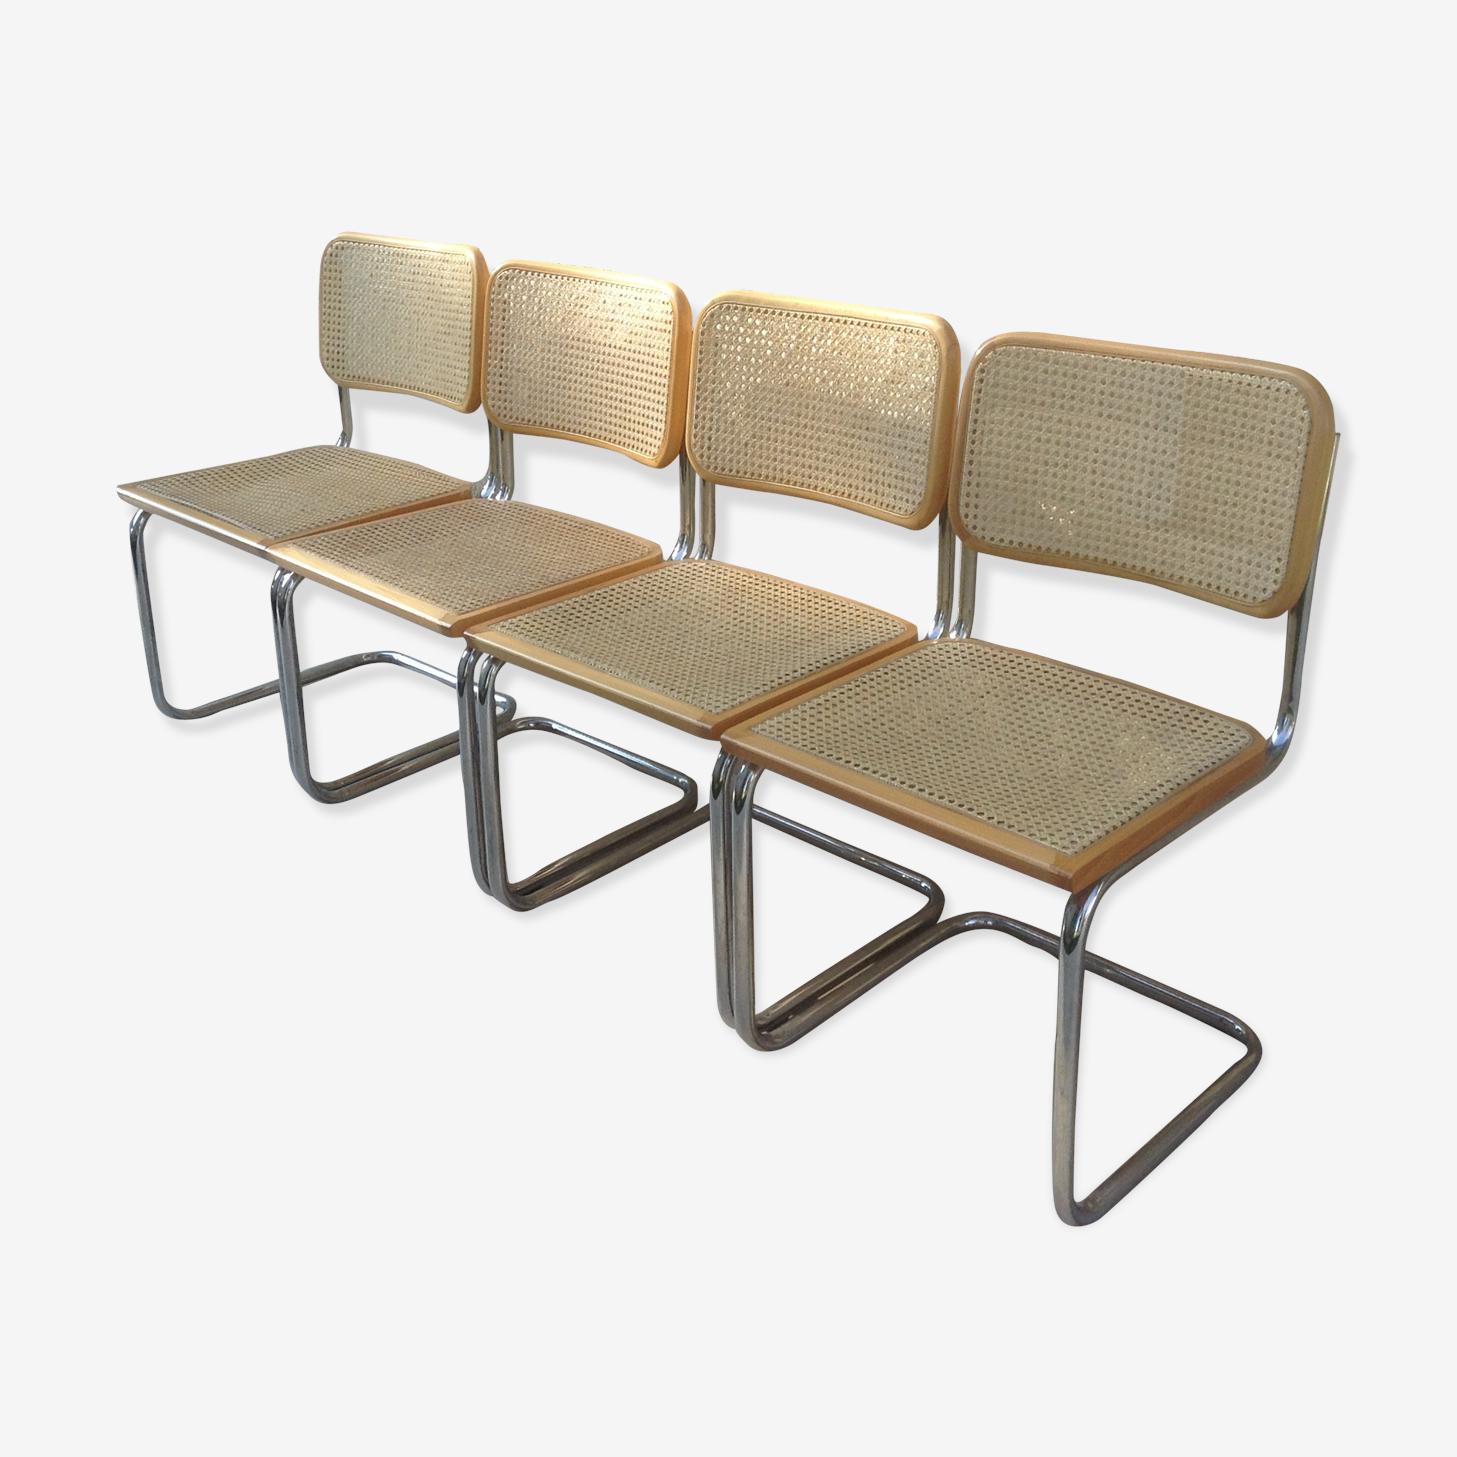 Suite de 4 chaises par Marcel Breuer